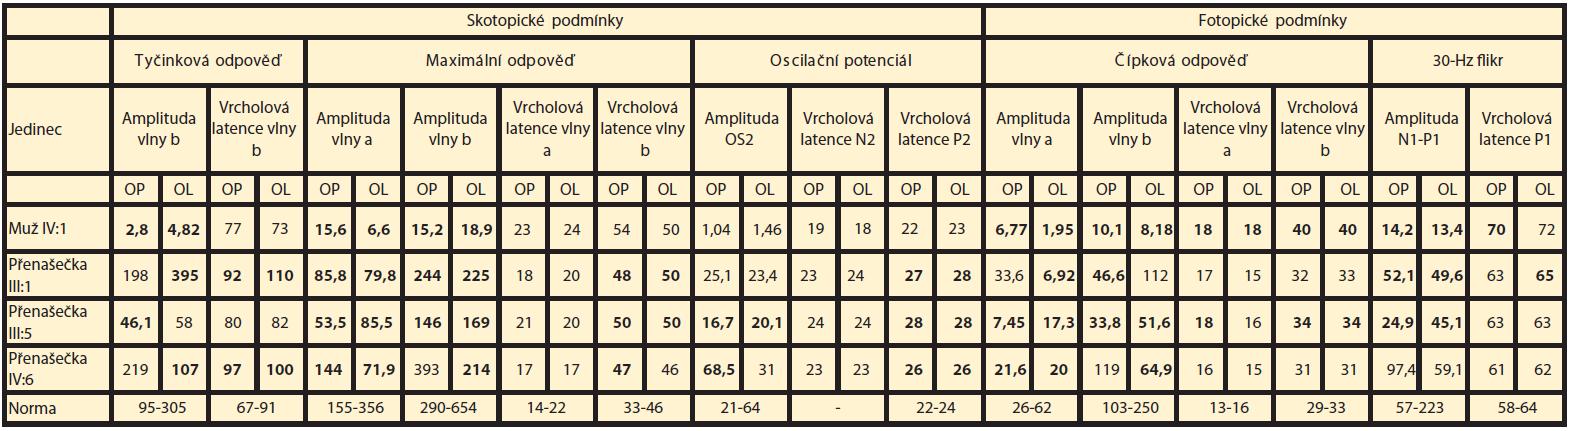 Hodnoty zaznamenané při elektrofyziologickém vyšetření sítnice. Výsledky zjištěné u muže IV:5 s již vyhaslou elektrickou aktivitou sítnice nejsou uvedeny. Hodnoty amplitud jsou uvedeny v μV, hodnoty latencí v ms, tučně jsou zvýrazněny patologické hodnoty